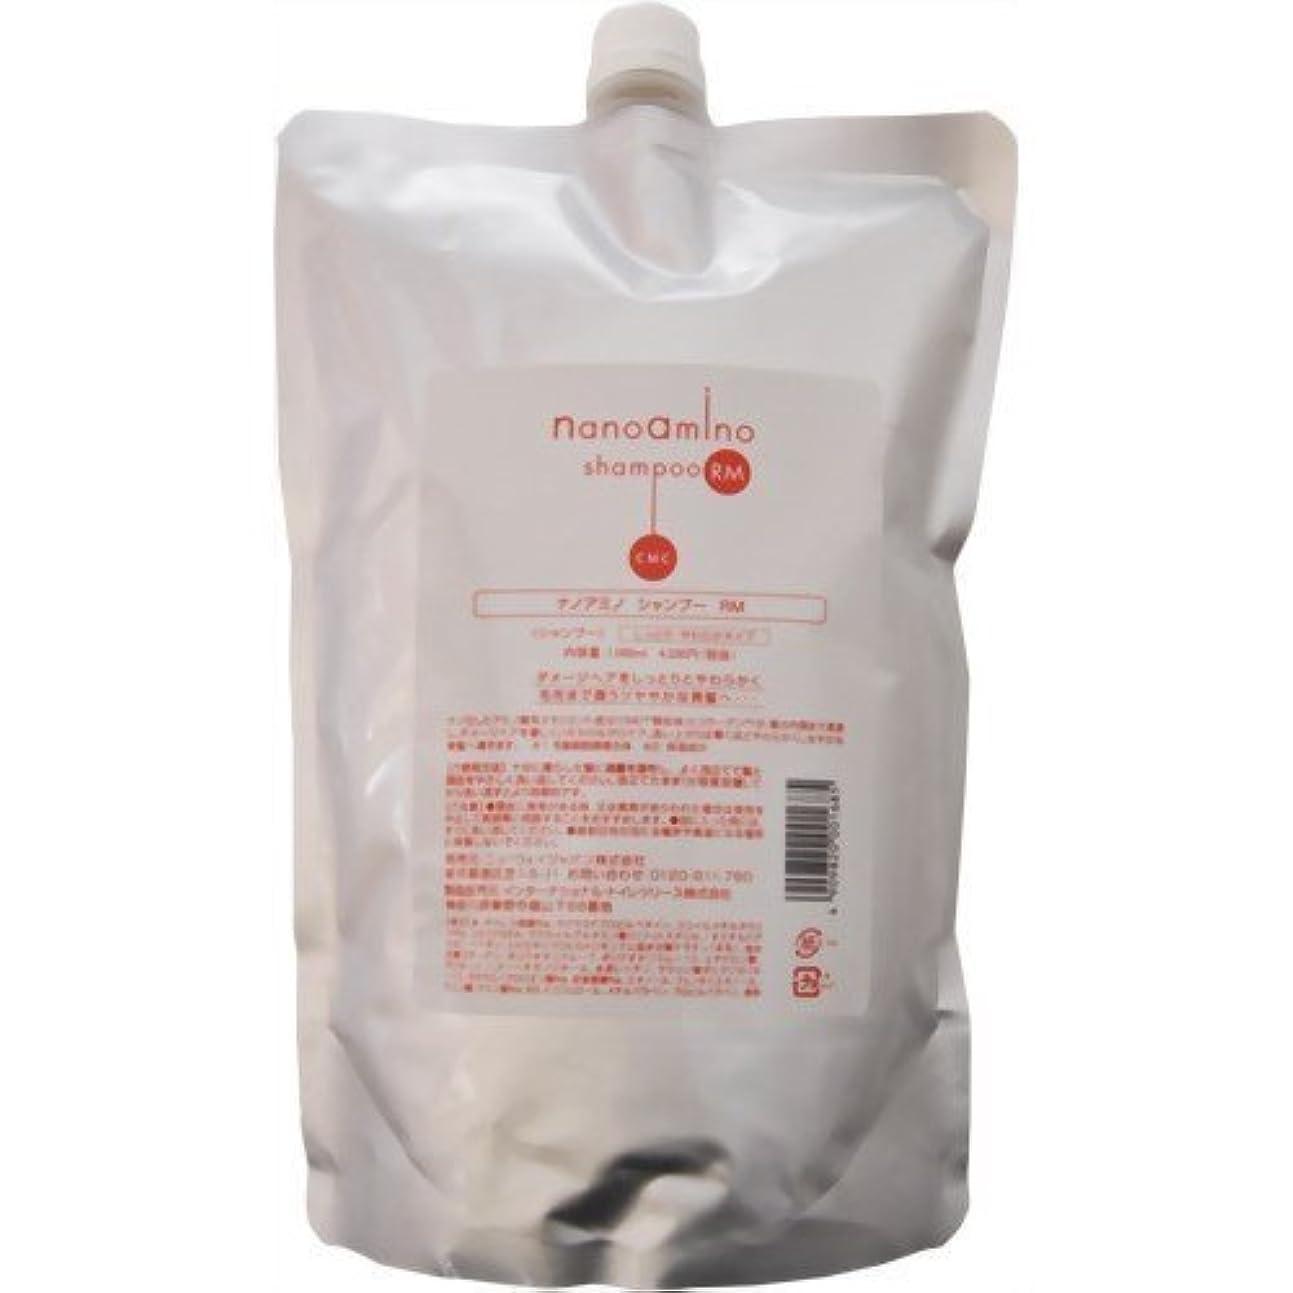 物質欲しいですファンシーニューウェイジャパン ナノアミノ シャンプー RM 1000ml レフィル